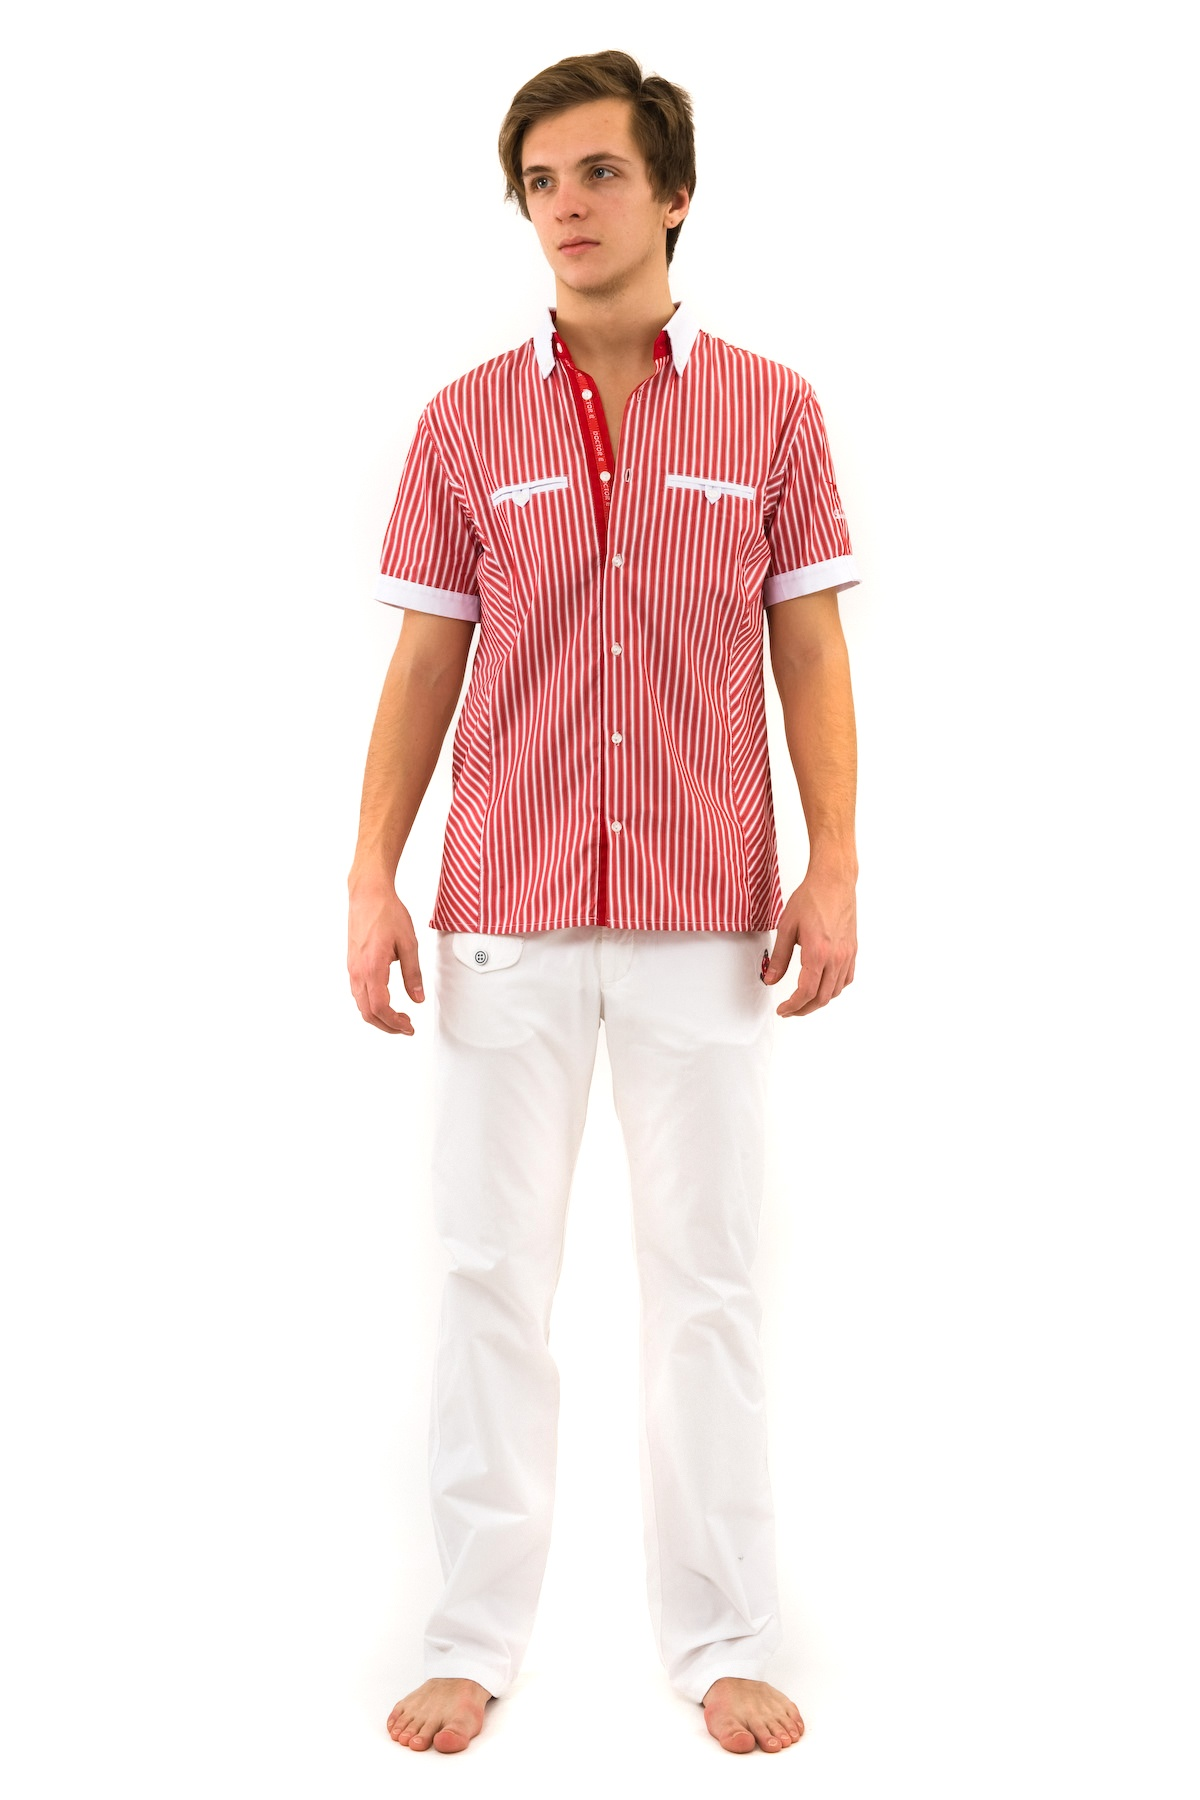 РубашкаМужские рубашки<br>Сорочка мужская с оригинальной вышивкой на левом рукаве, с функциональными нагрудными прорезными карманами.<br><br>Цвет: красный<br>Состав: 100% хлопок<br>Размер: 44,46,48<br>Страна дизайна: Россия<br>Страна производства: Россия